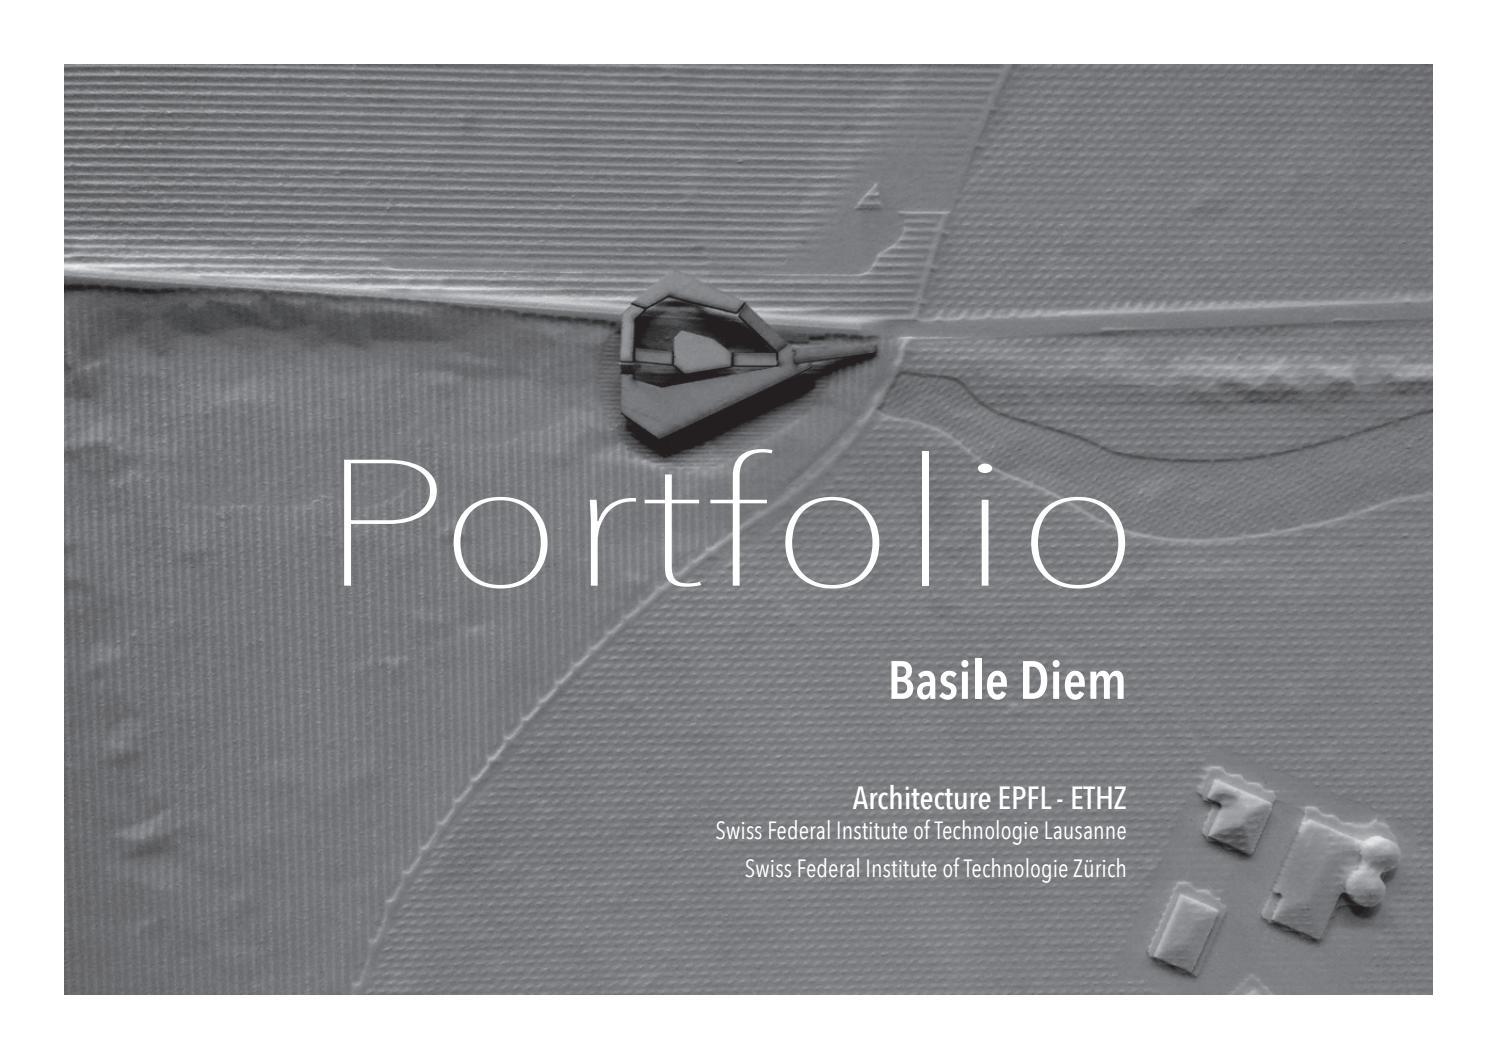 Blockzargentür portfolio basile diem by basile diem issuu